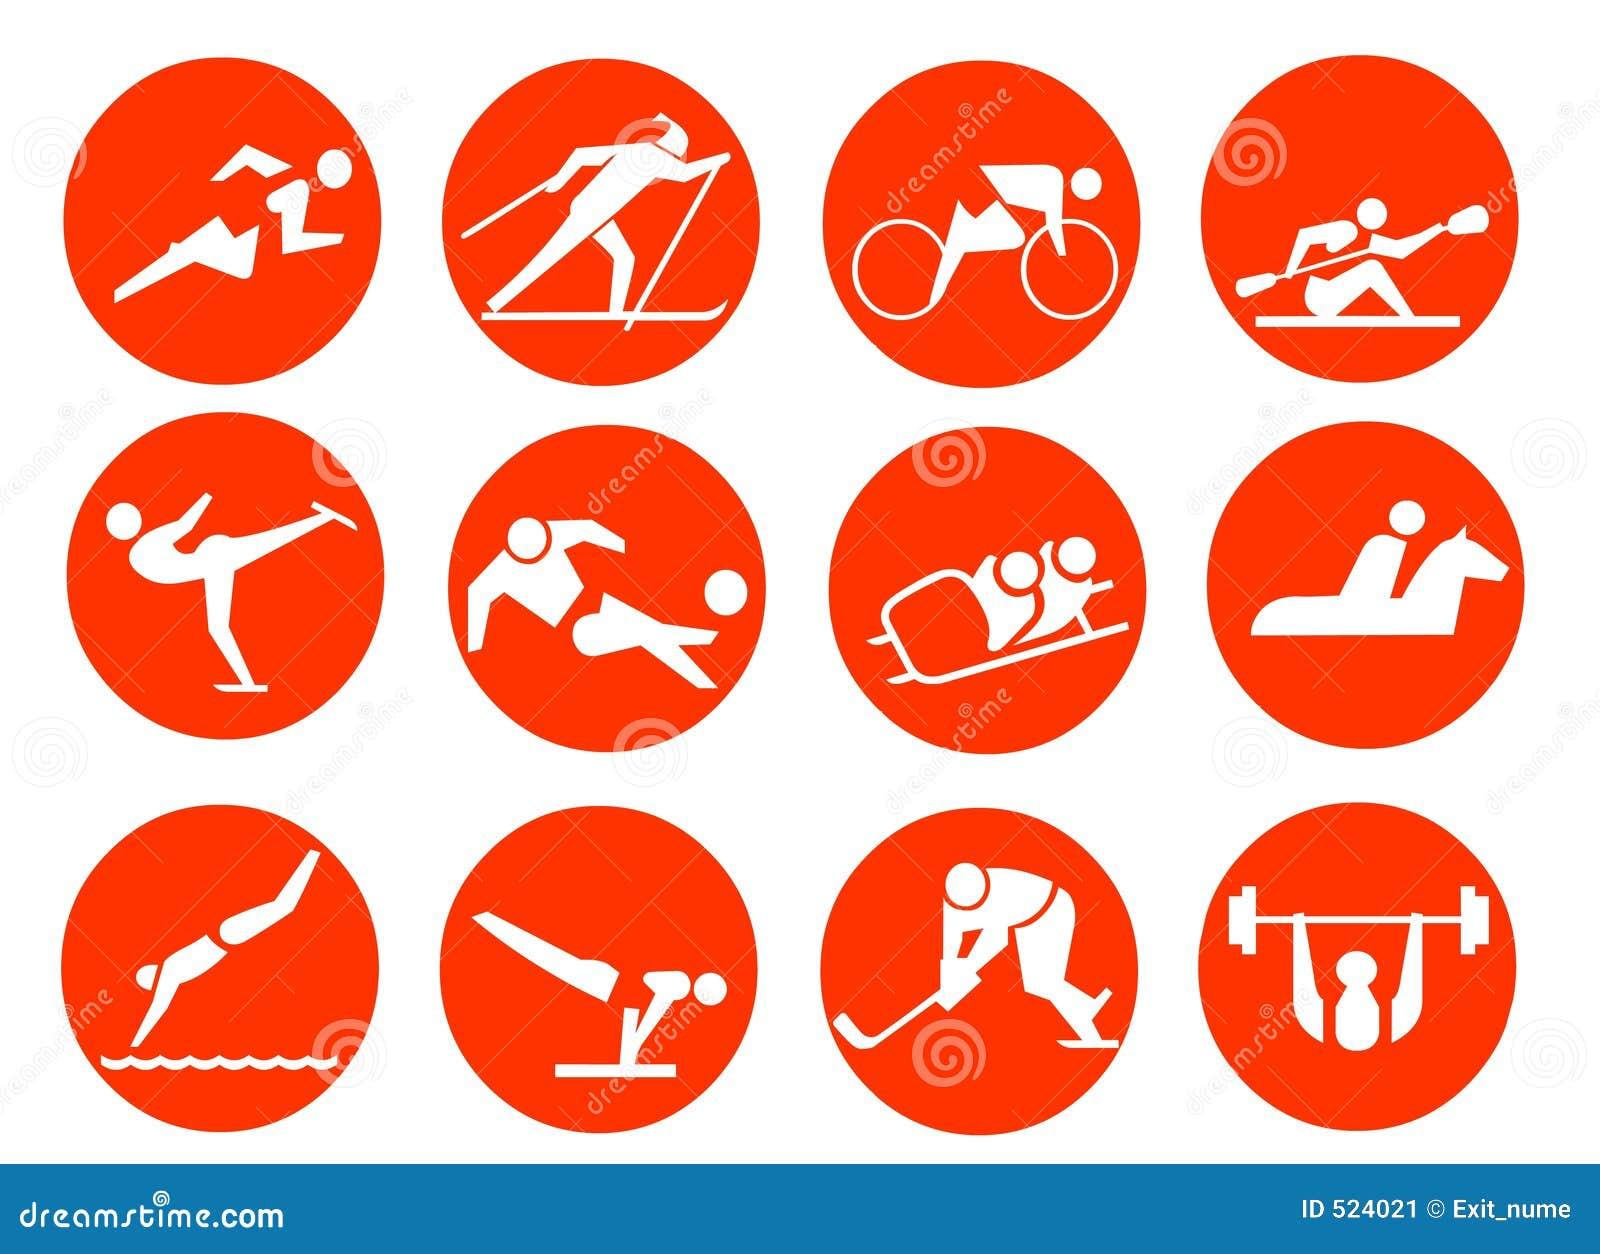 Fondo Con Iconos De Deporte: Iconos Del Símbolo Del Deporte Imagen De Archivo